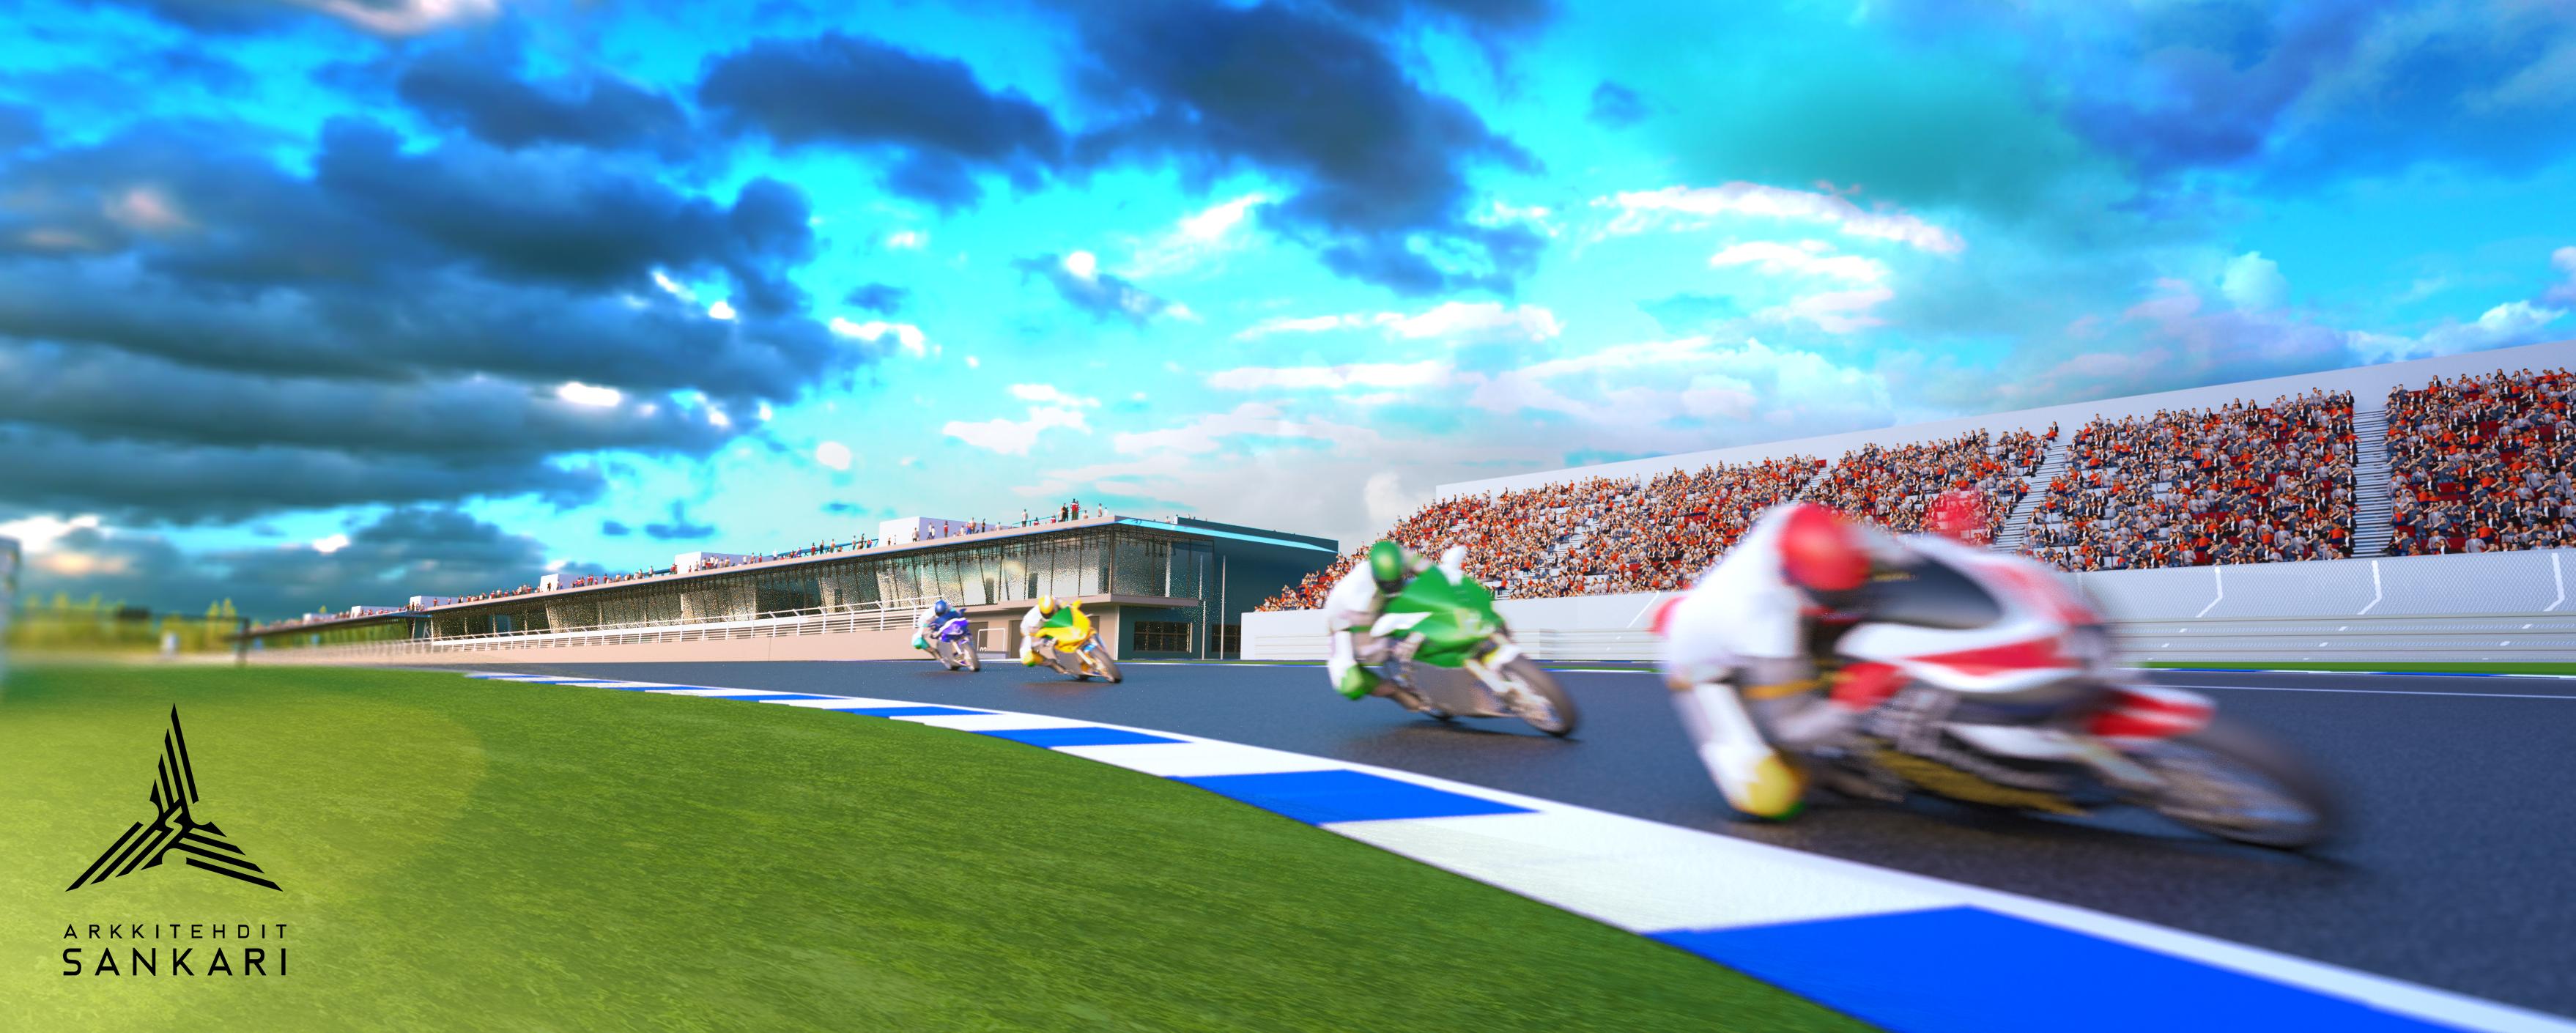 F1-tasoisella KymiRingillä olisi tarkoitus ajaa MotoGP-luokan kisat heinäkuussa 2018. (Kuva Sankari Arkkitehdit)